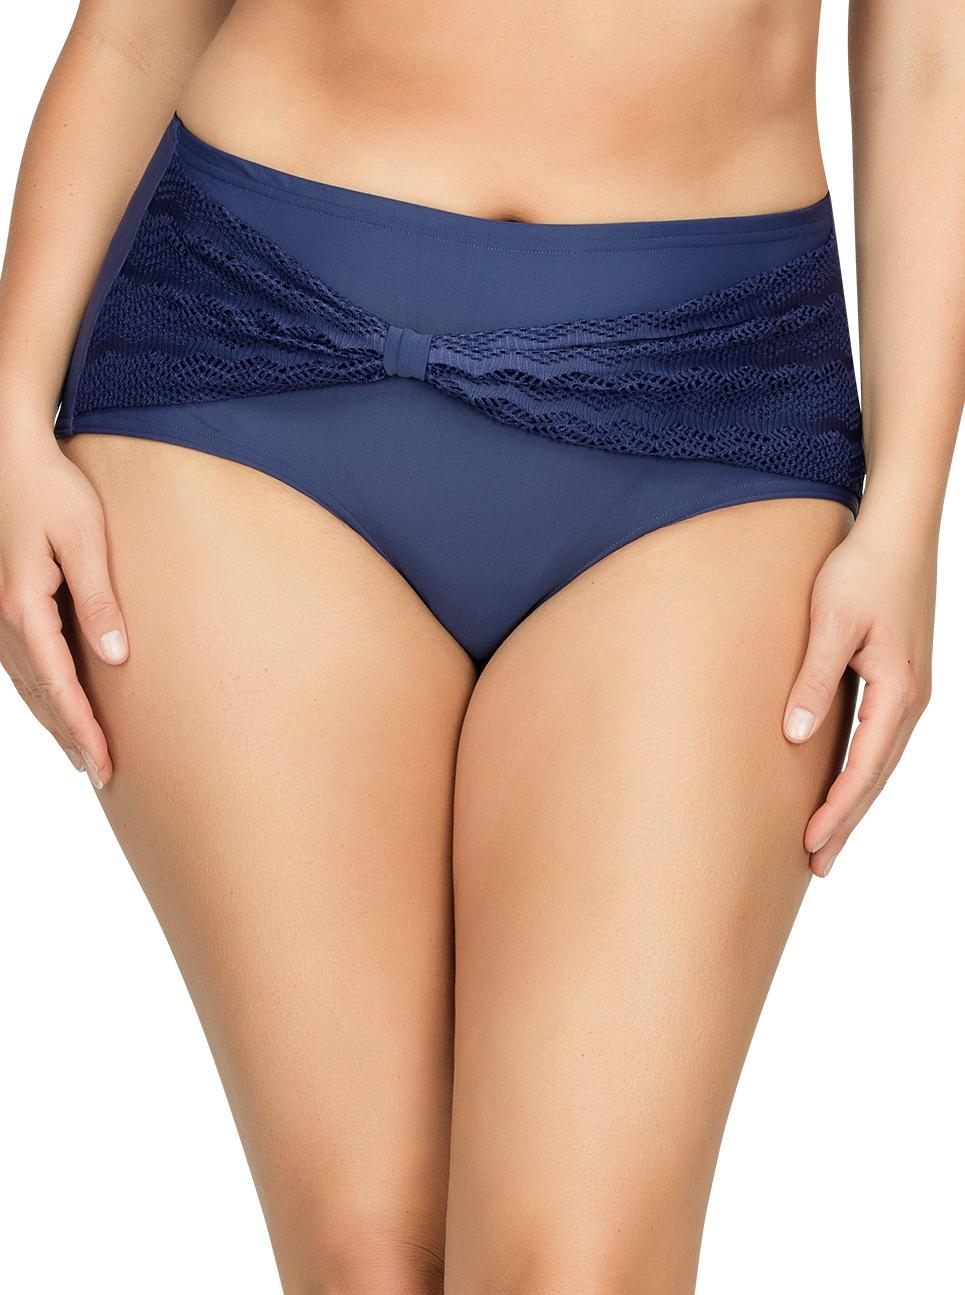 PARFAIT Keira HighWaistBikiniBottomS8075 Twilight Front1 - Keira High-Waist Bikini Bottom Twilight S8075